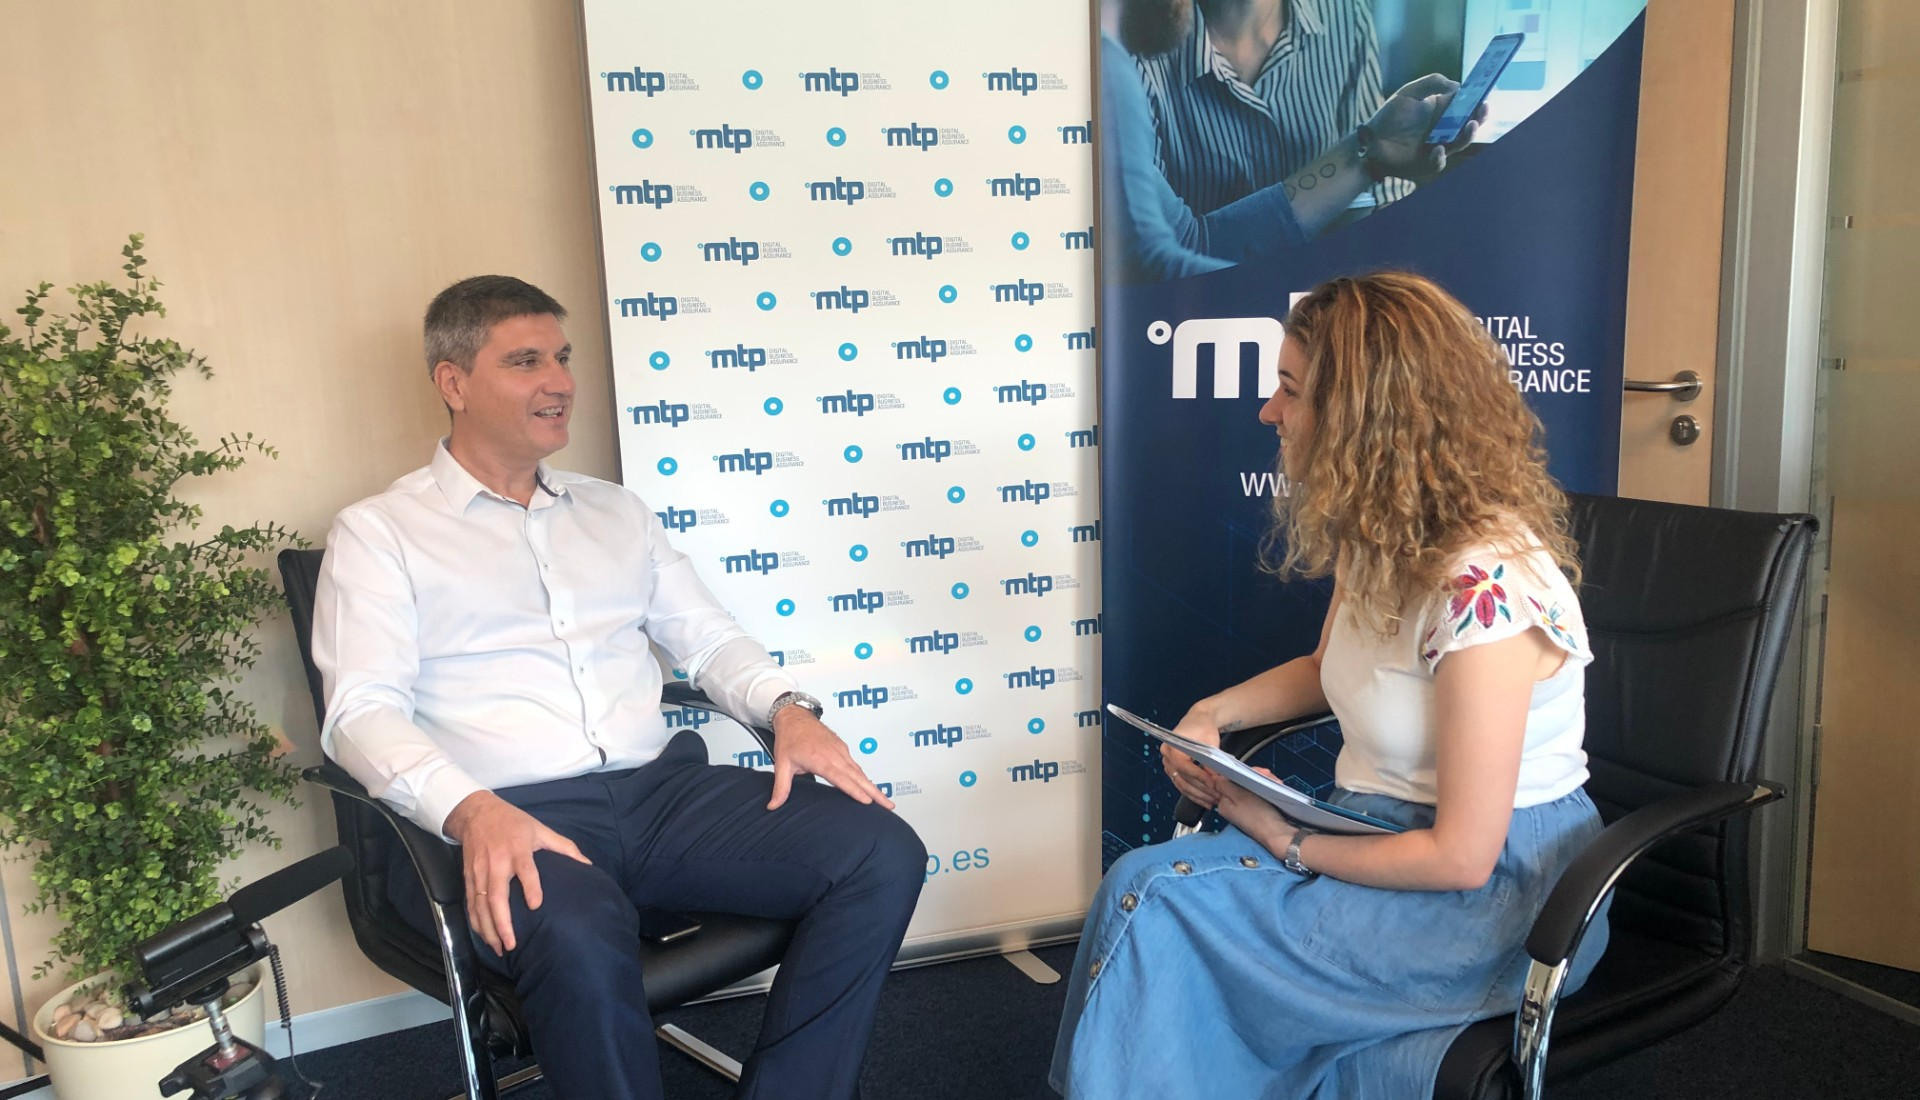 Entrevista a Marcos Manchado